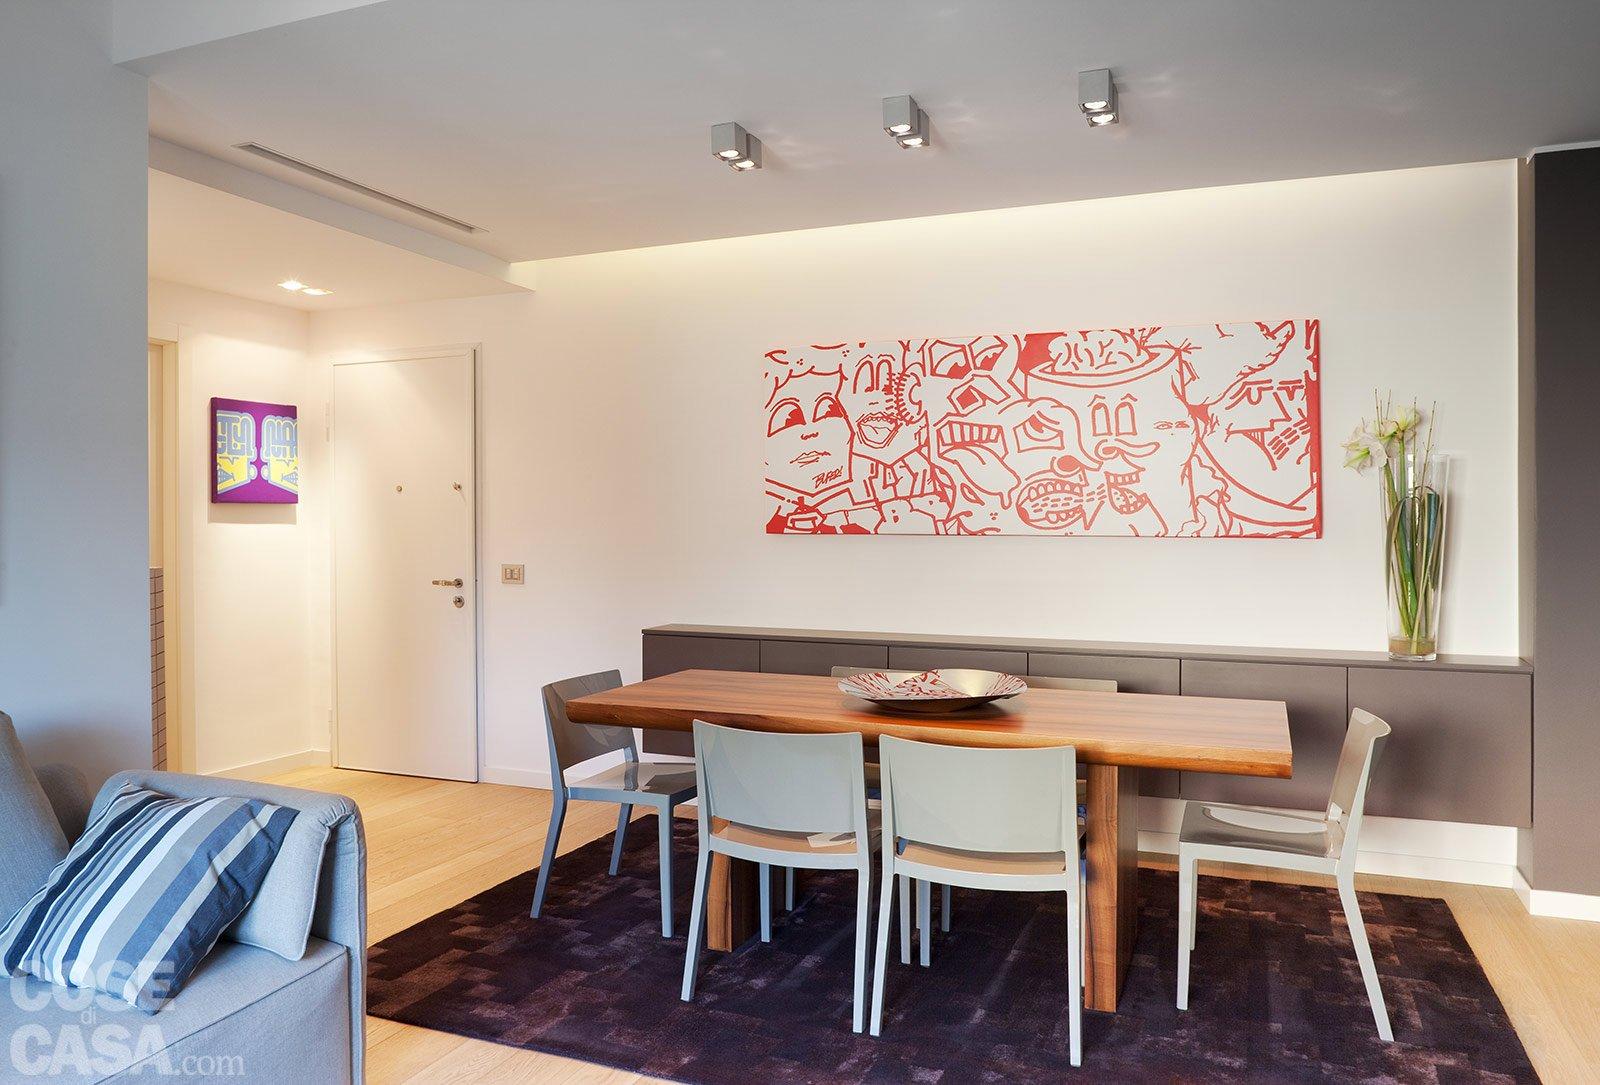 Una casa con soffitti che definiscono le funzioni cose - Meglio luce calda o fredda in cucina ...